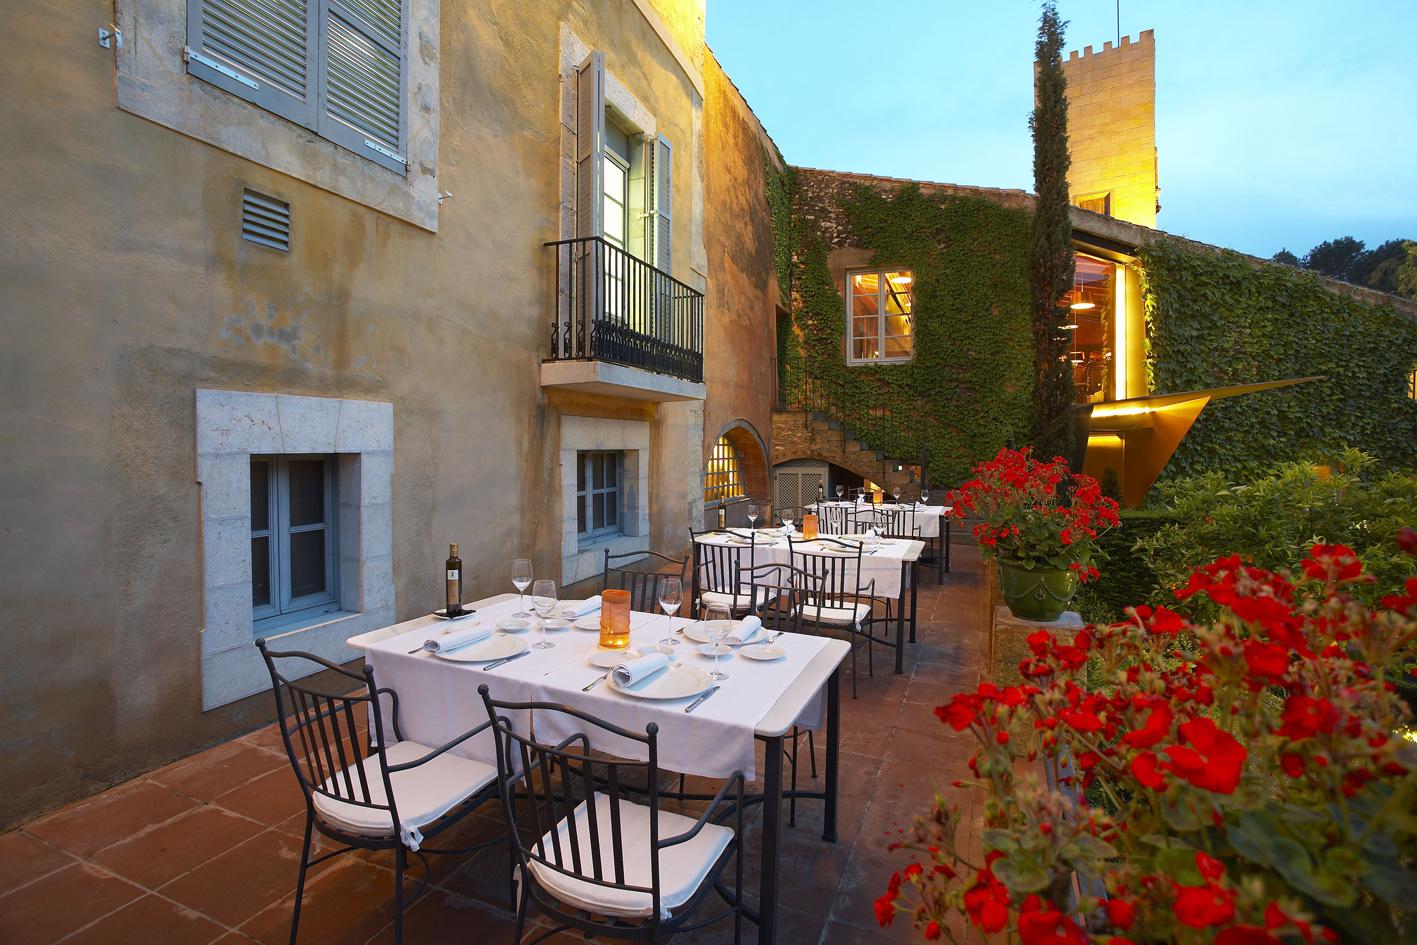 Restaurante con terraza en tarragona la boella tarragona for Restaurante jardin